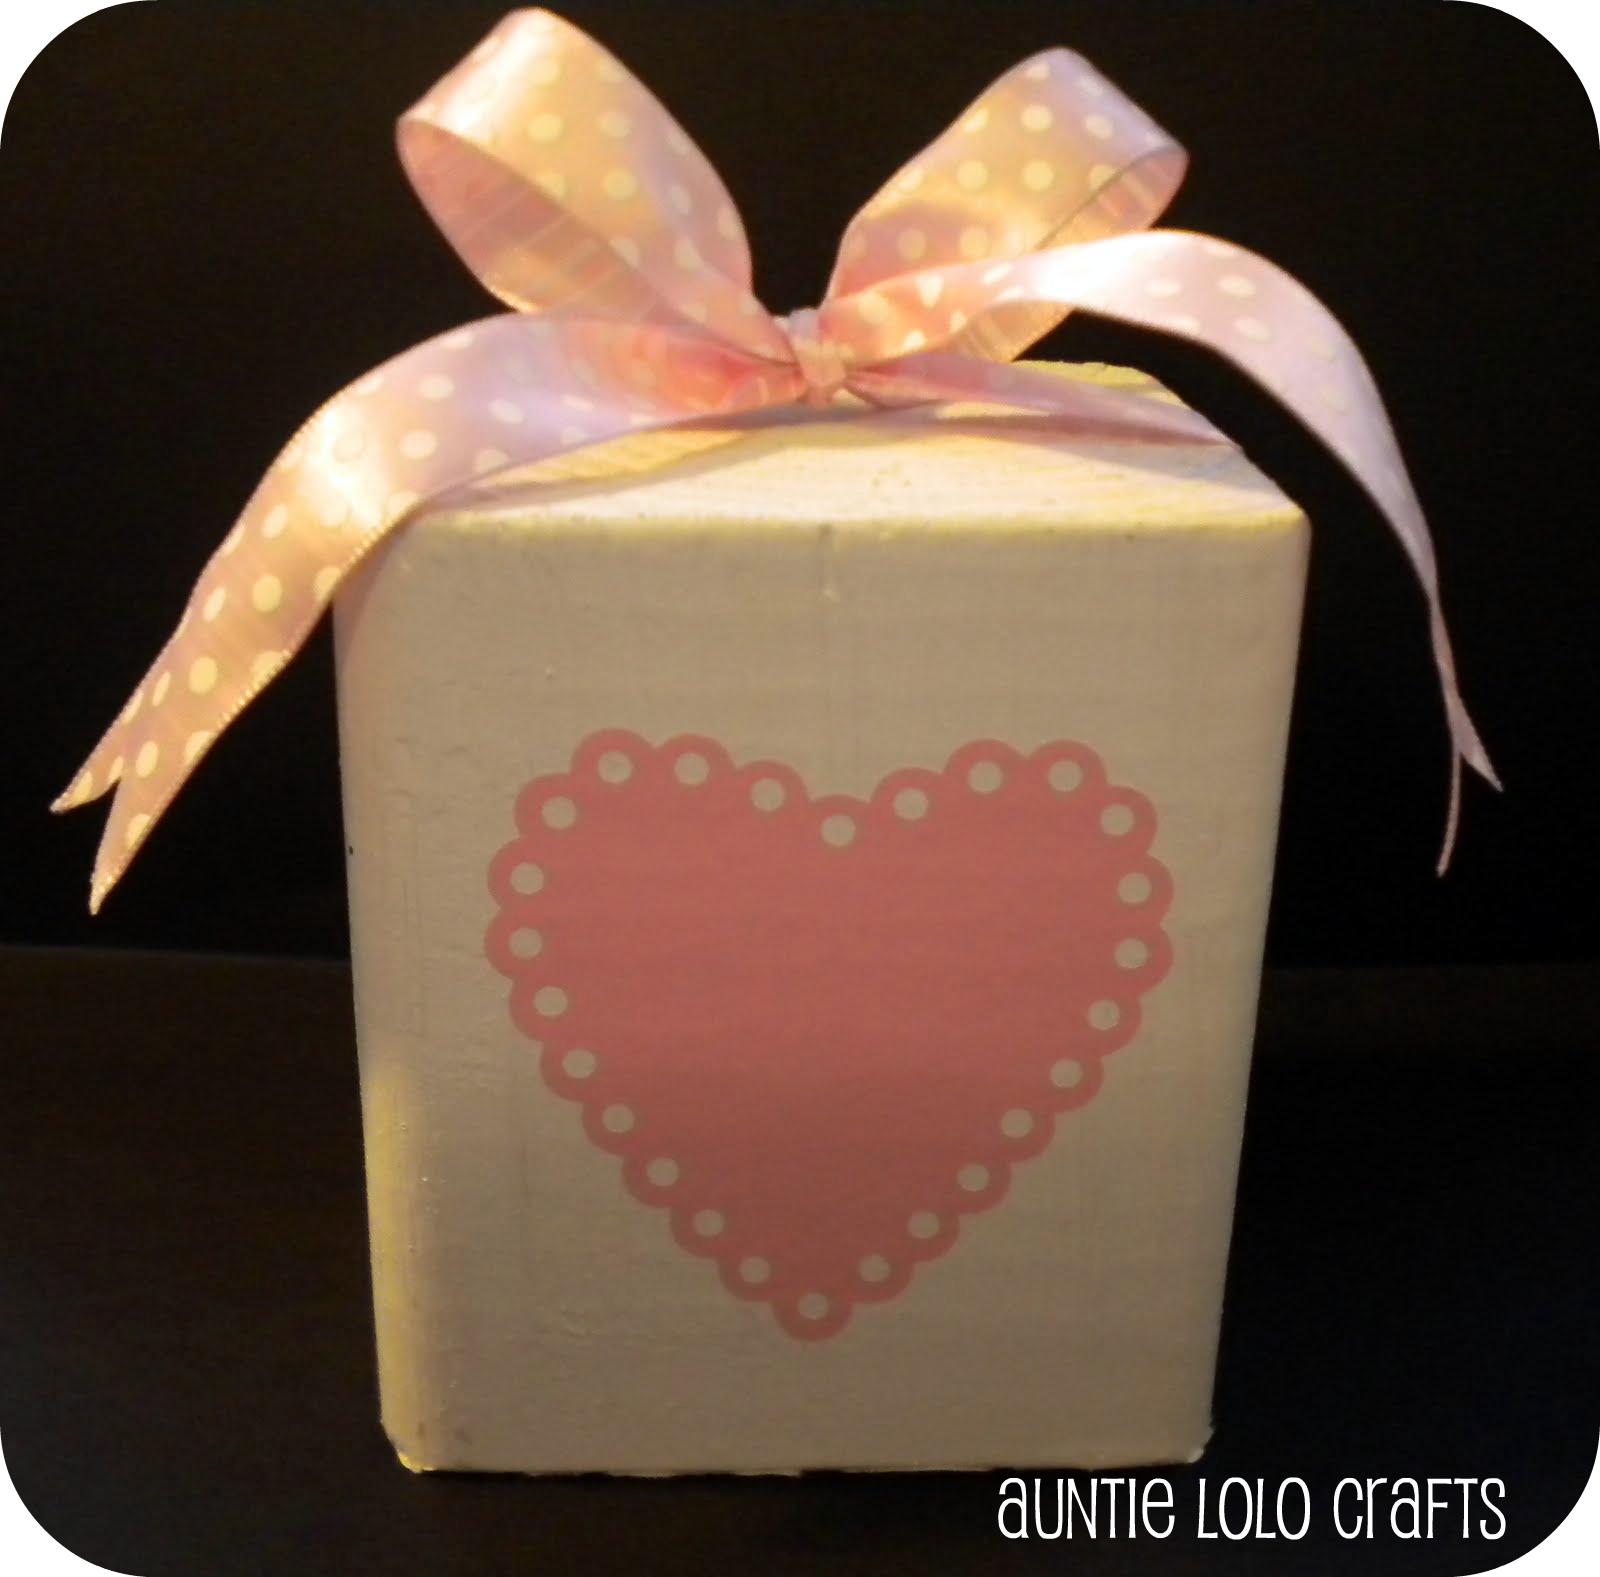 https://i0.wp.com/3.bp.blogspot.com/_1Qn76HzZFGk/TUxuJ8kGTHI/AAAAAAAAD8M/qBGAw2YLA1U/s1600/valentine%2527s+block.jpg?resize=540%2C533